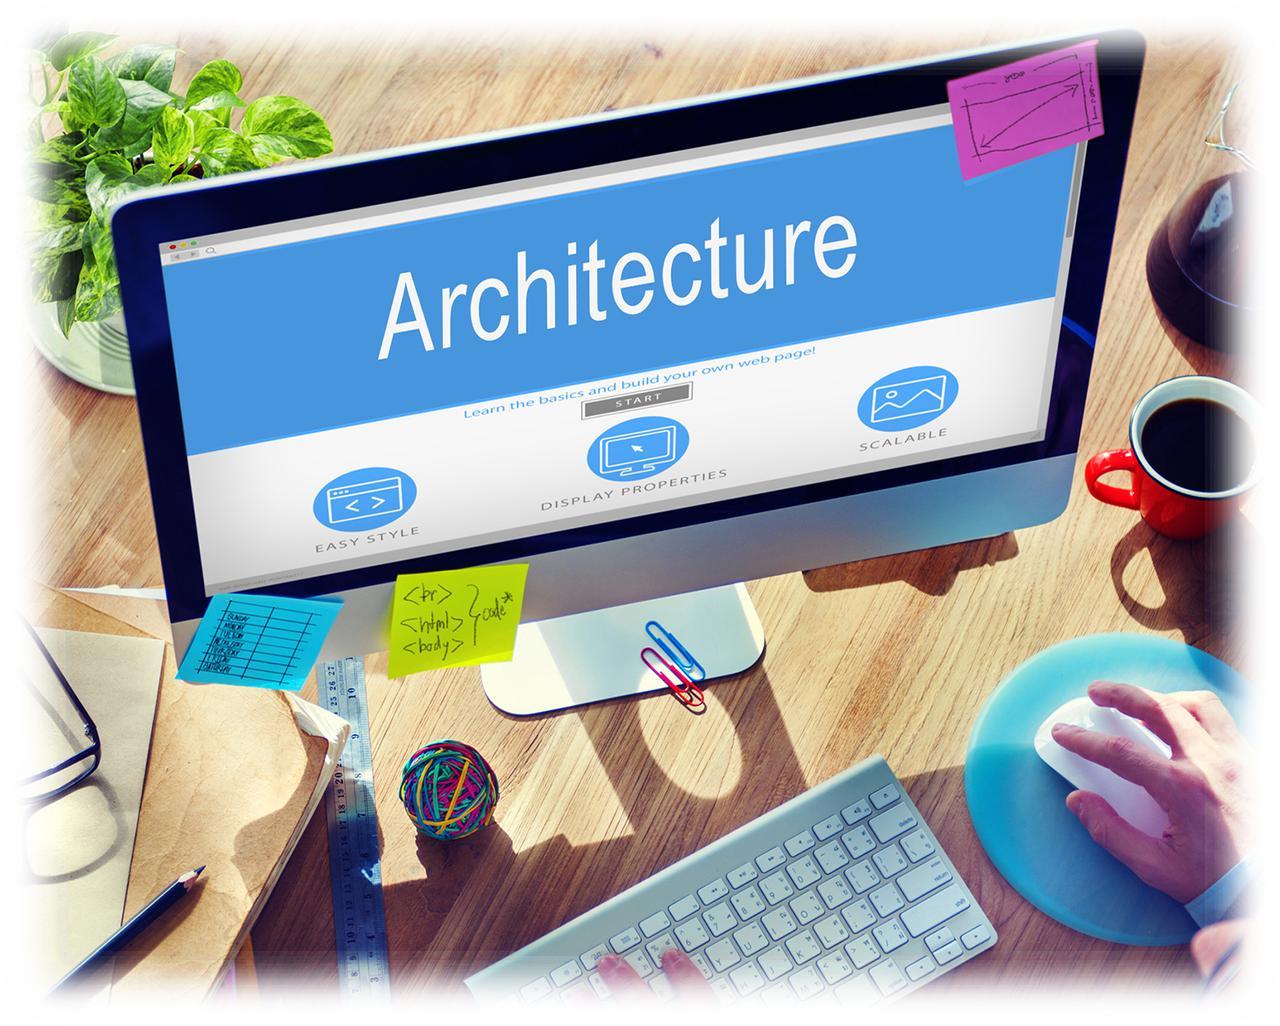 __architecture__ (5__) (1).jpg